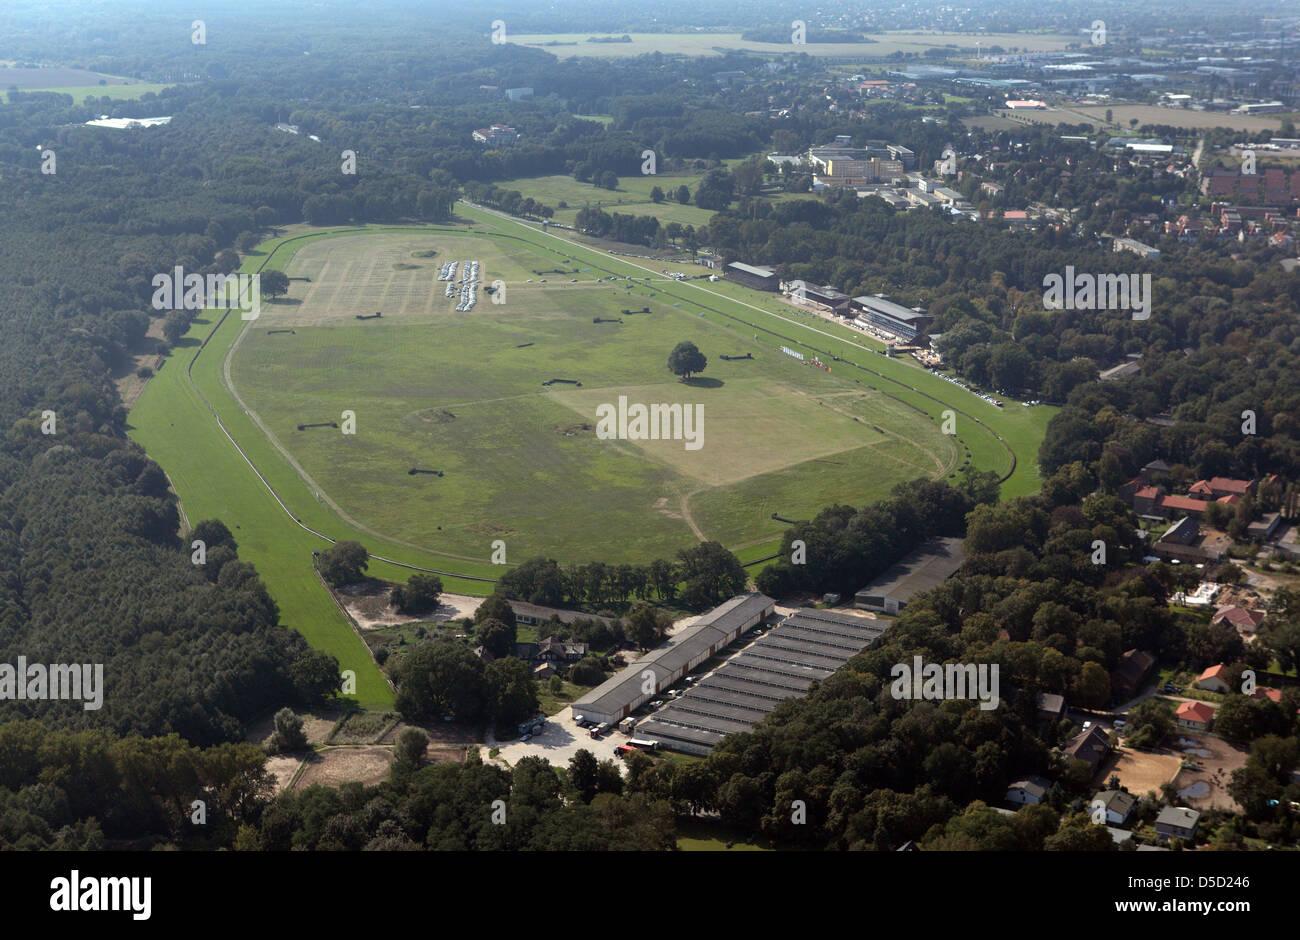 Hoppegarten, Alemania, vista aérea del hipódromo Hoppegarten Imagen De Stock